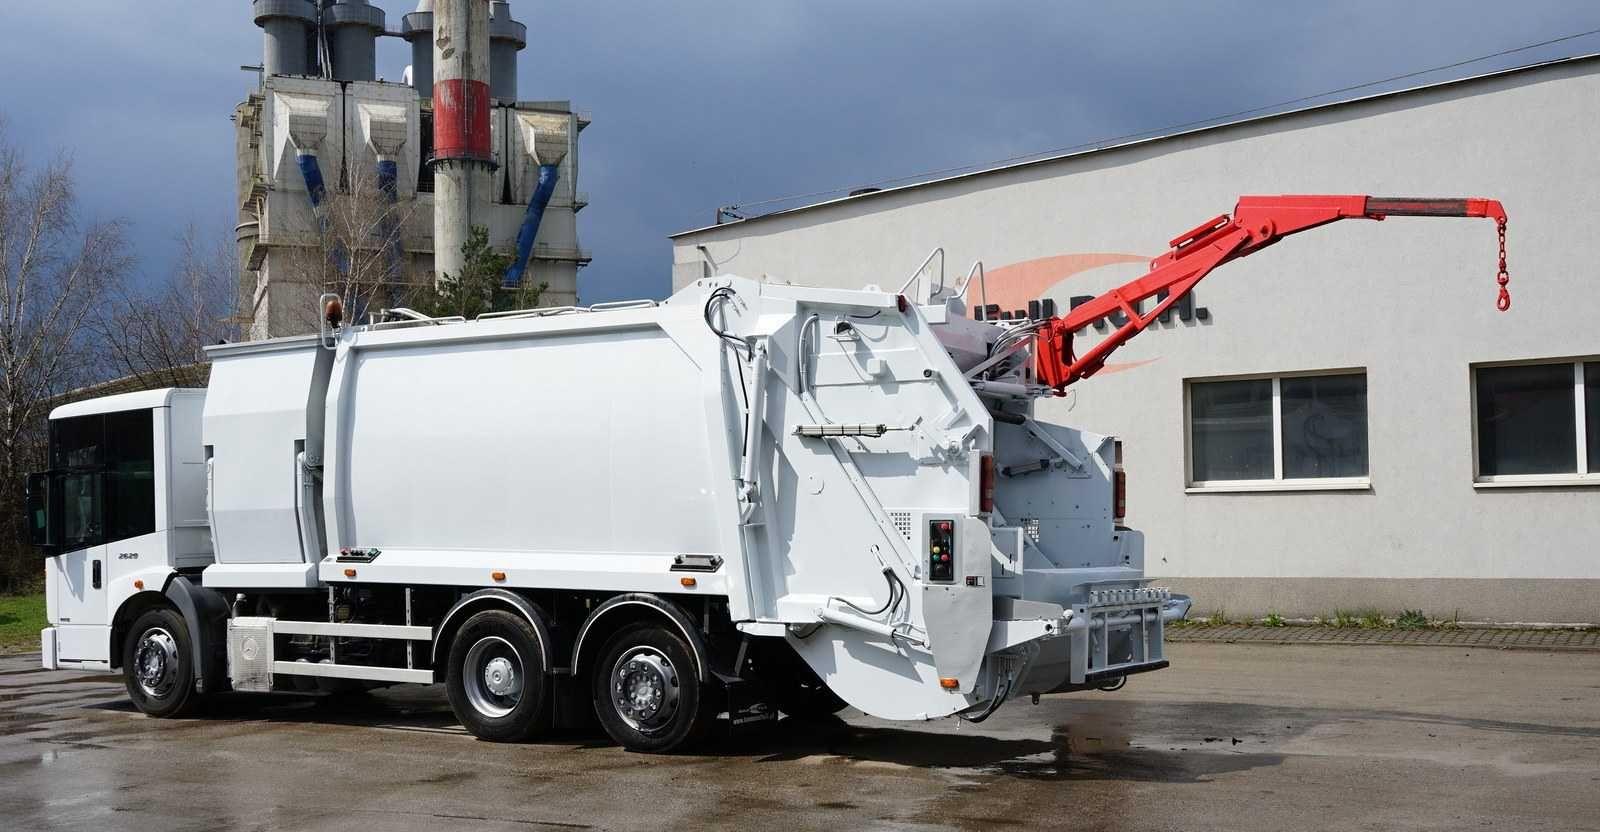 śmieciarka dwukomorowa z dźwigiem HDS EURO 5 w całości na części